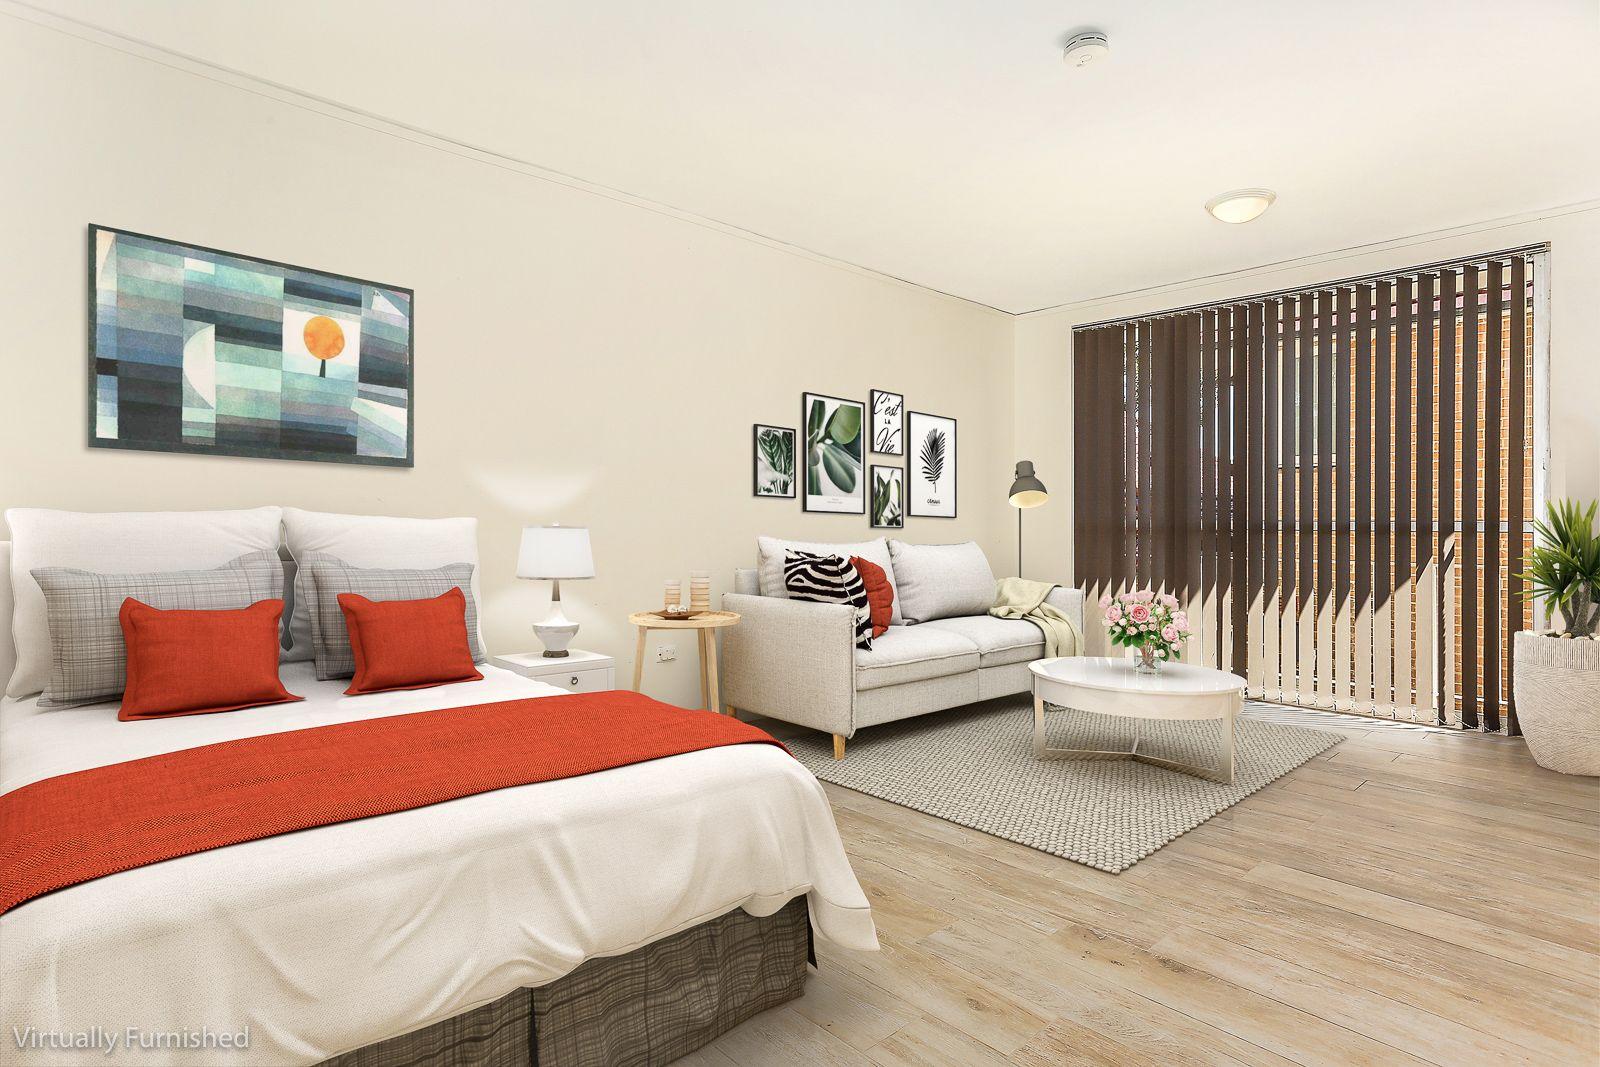 2/14 Queens Park Road, Queens Park NSW 2022, Image 0